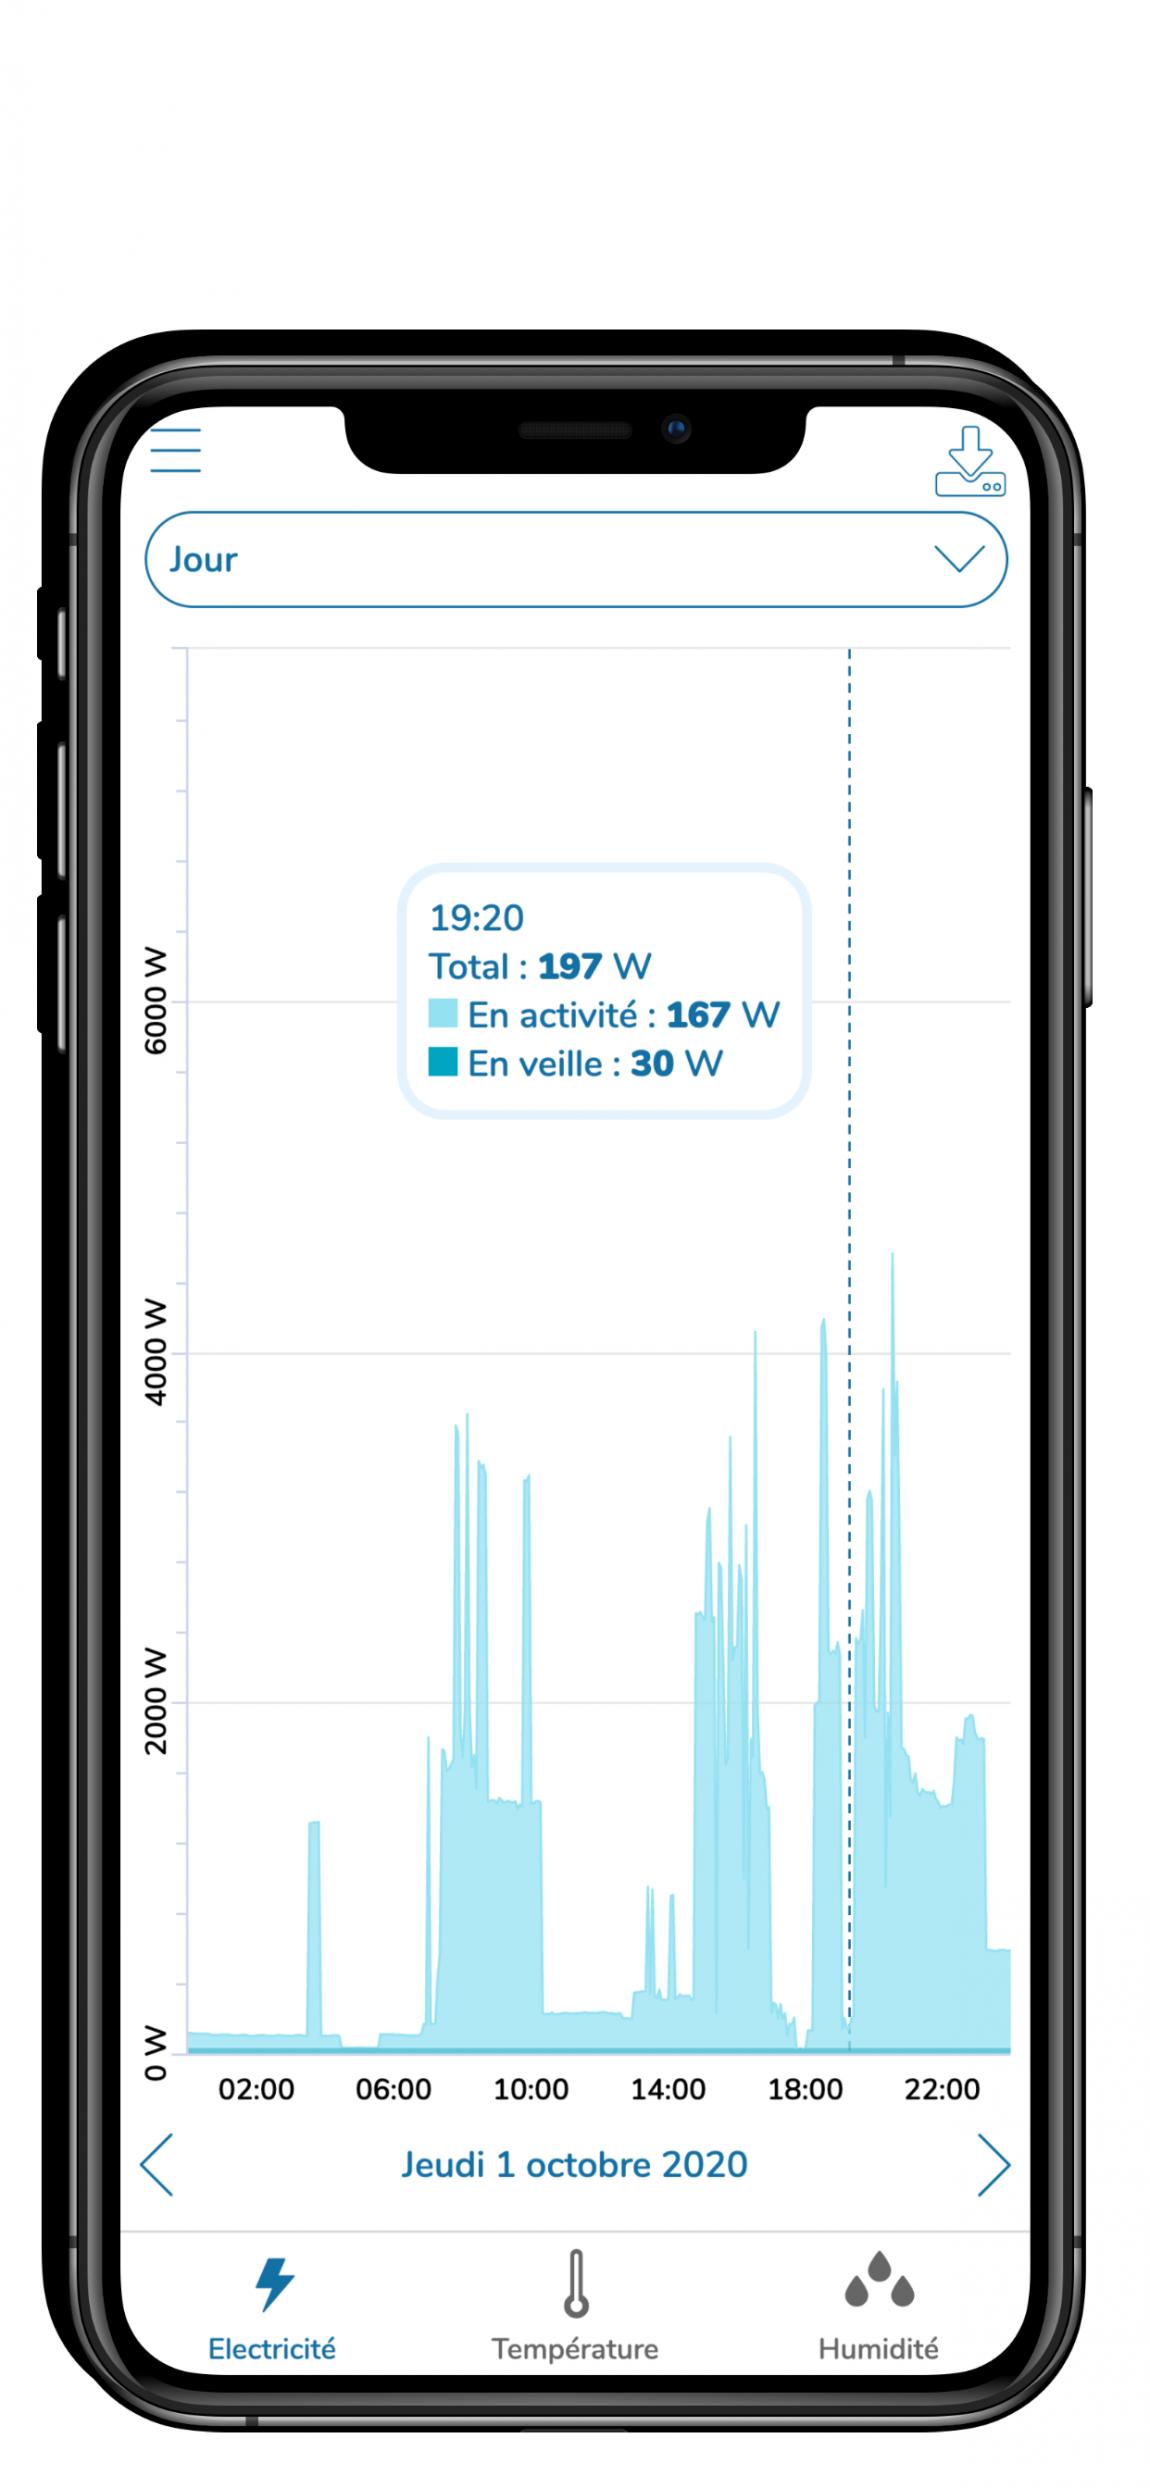 30W d'appareils en veille, c'est 100W de moins qu'il y a un an ! C'est à dire 100 euros d'économisés en un an !